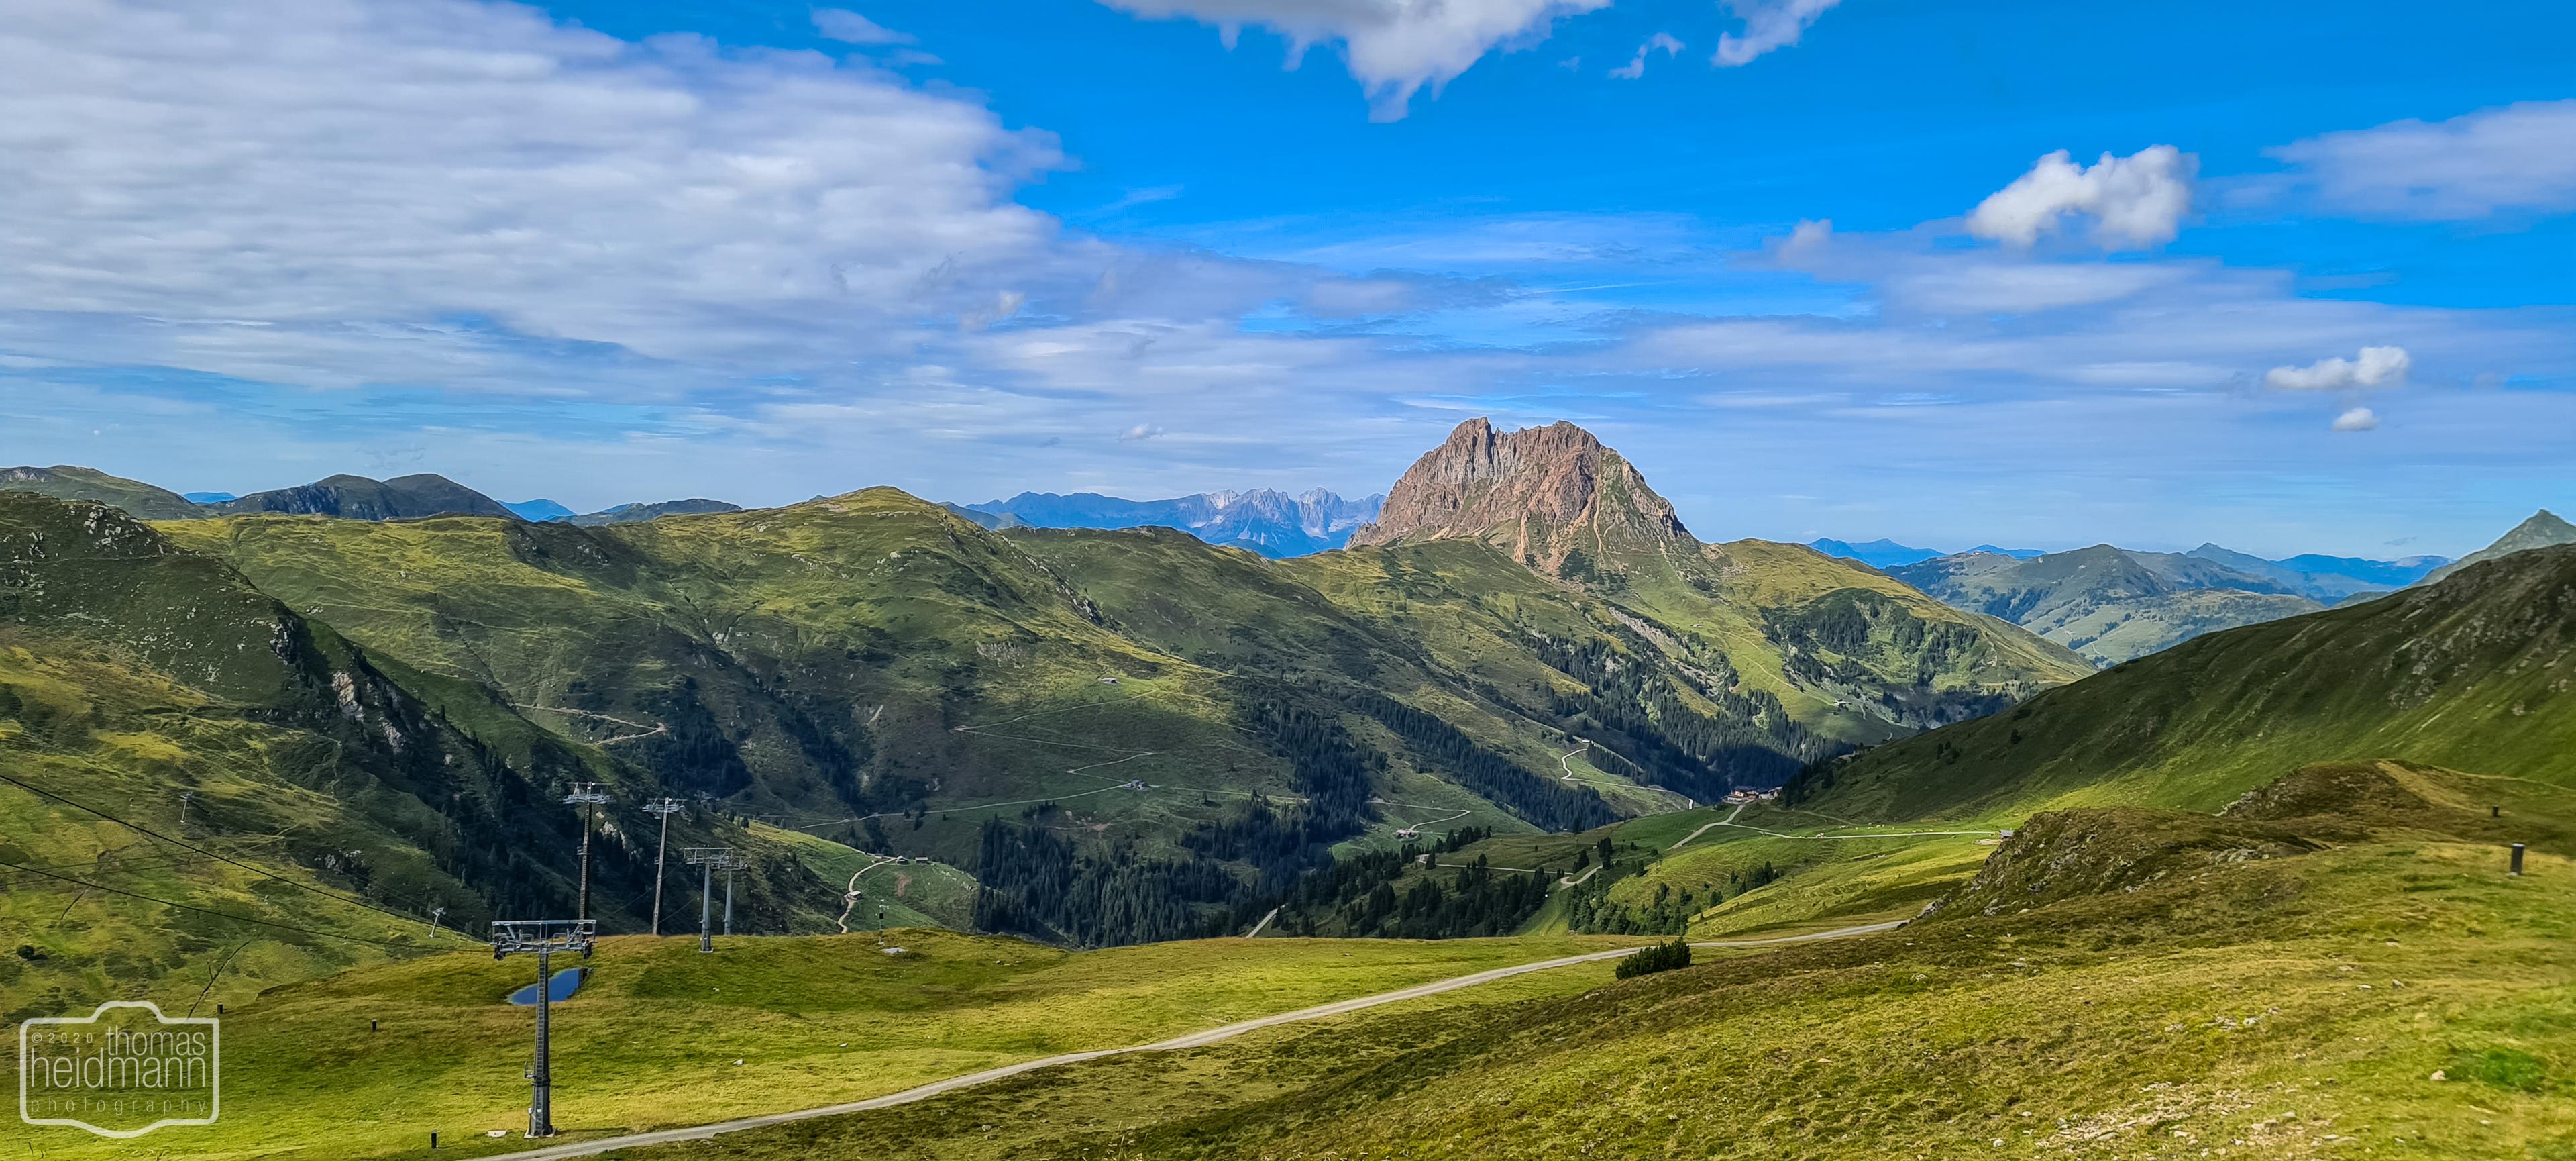 Ausblick in die Bergwelt vom Wildkogel